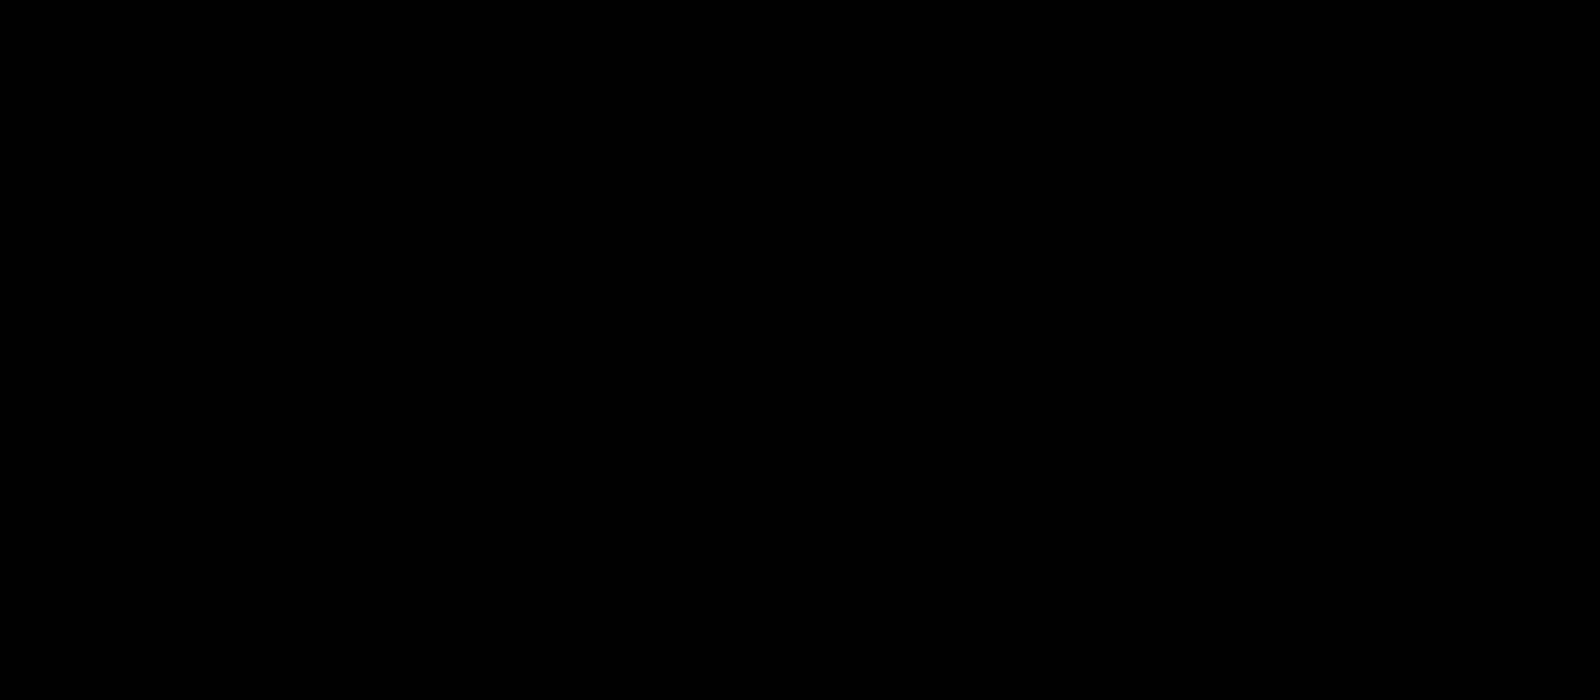 5-Methyl-3-isoxazole-carboxylic acid 2-benzyl-d<sub>5</sub>-hydrazide